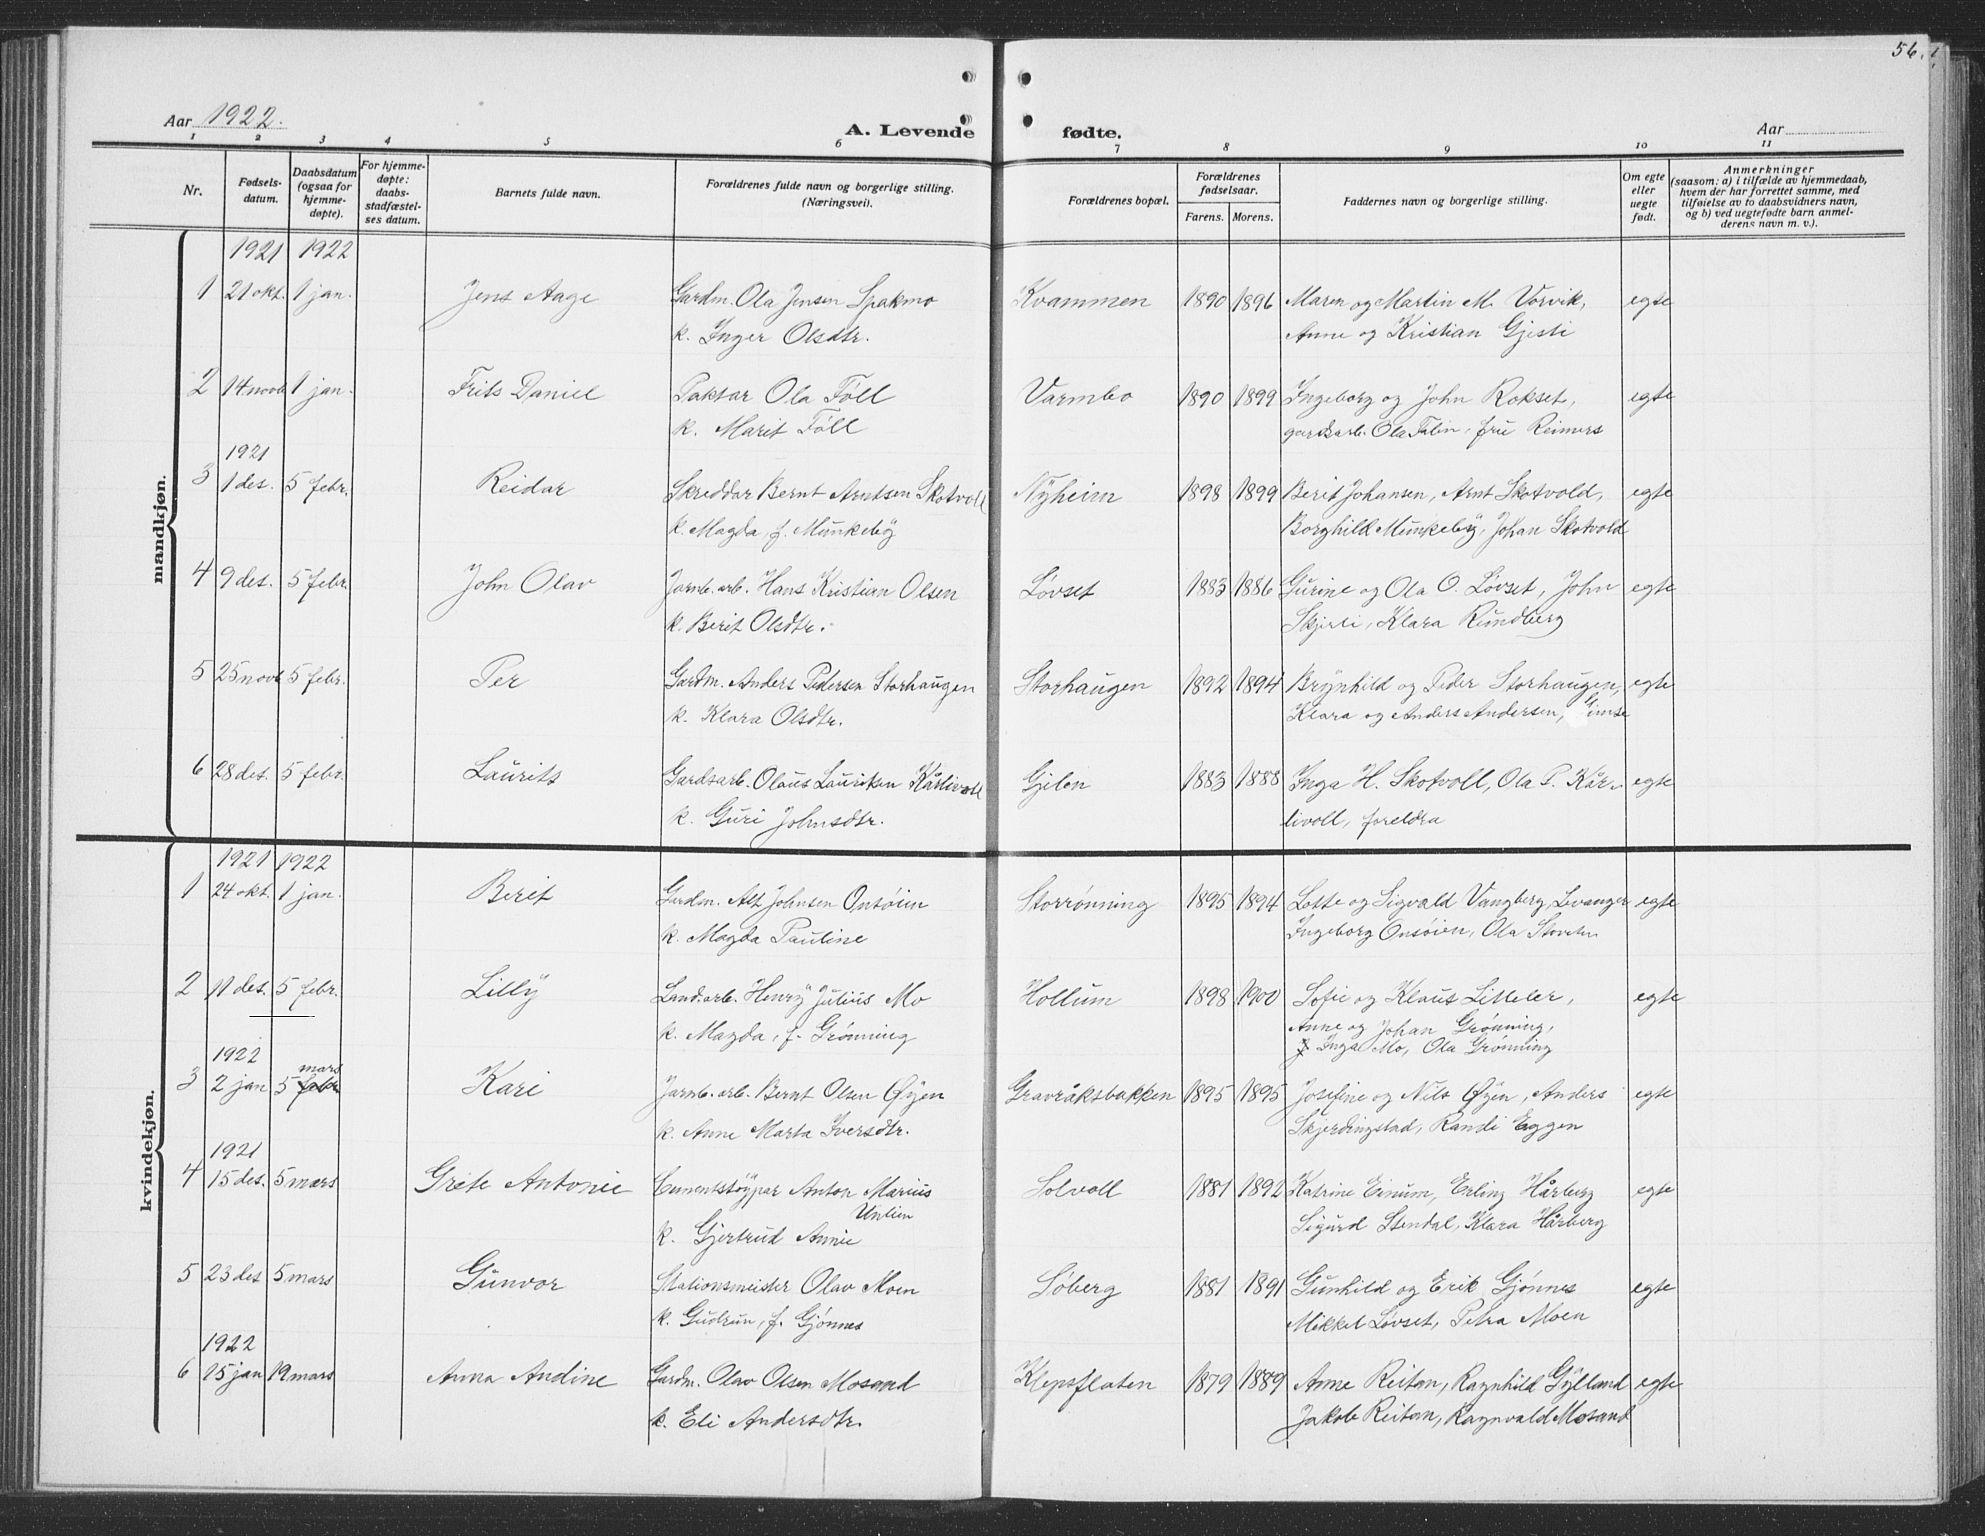 SAT, Ministerialprotokoller, klokkerbøker og fødselsregistre - Sør-Trøndelag, 691/L1095: Klokkerbok nr. 691C06, 1912-1933, s. 56